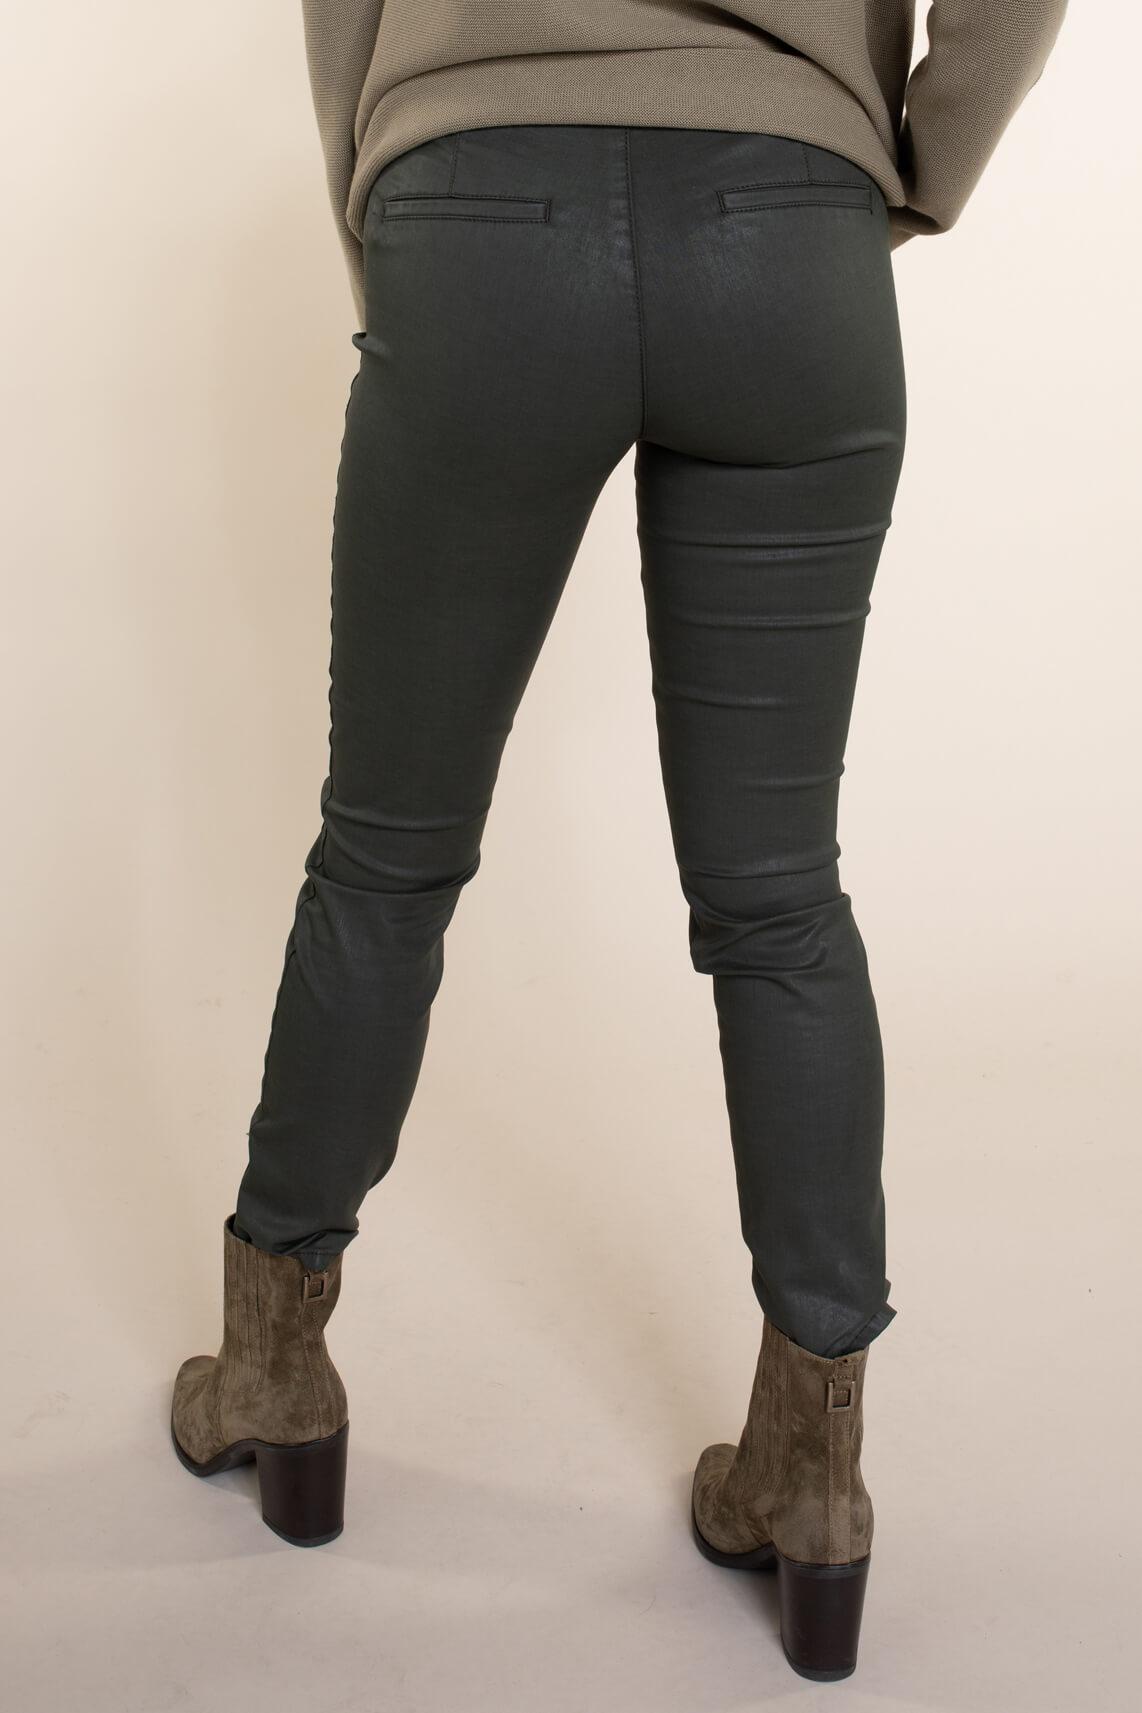 Rosner Dames L30 Antonia gecoate broek zwart